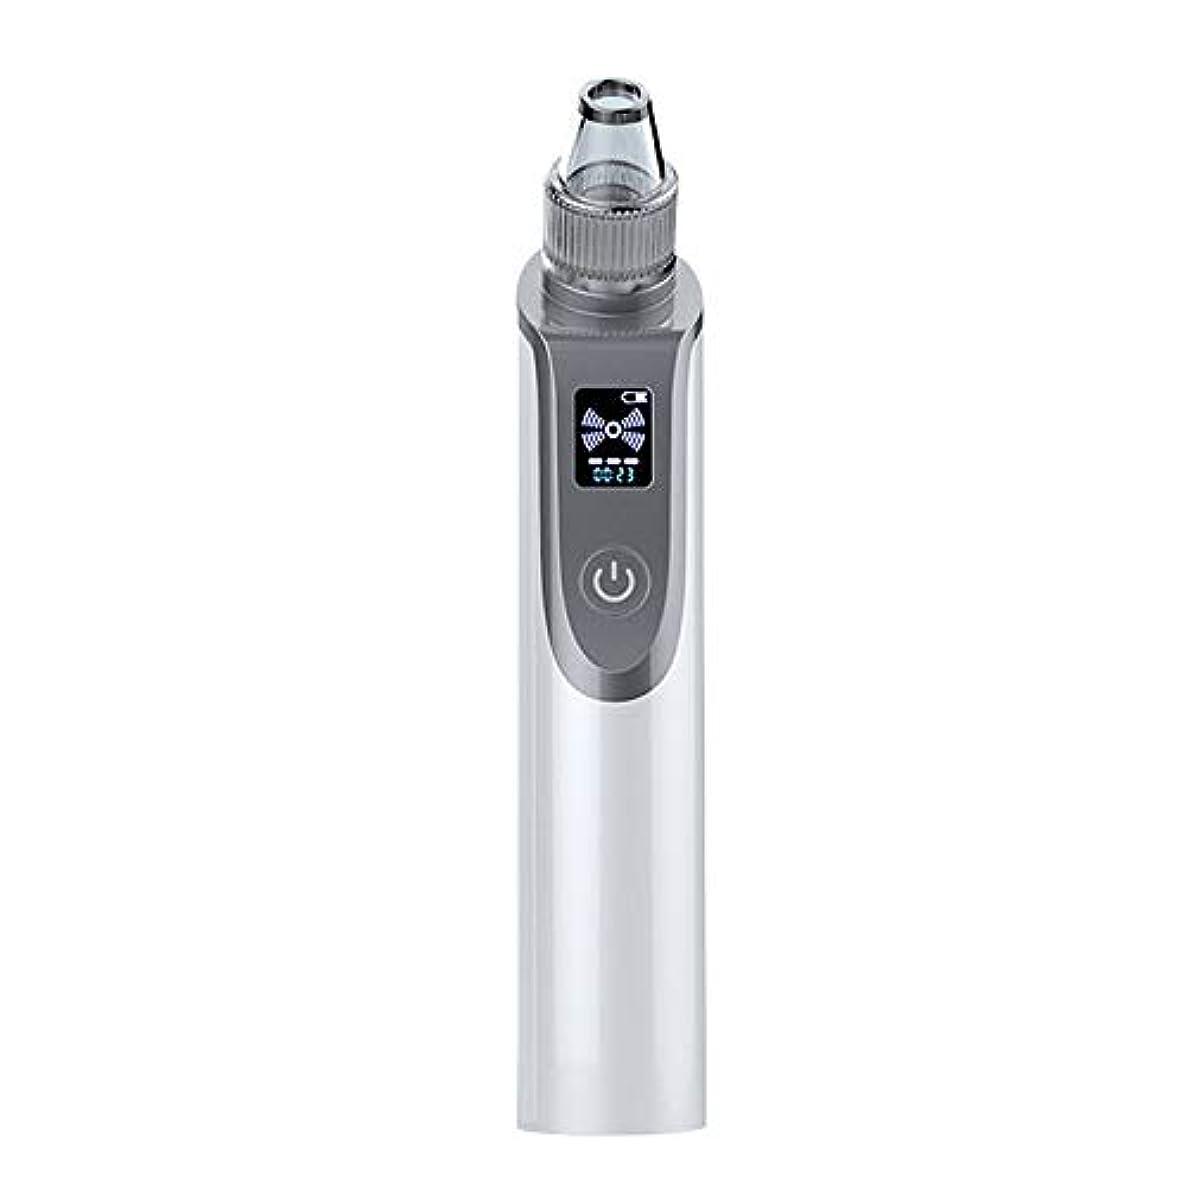 カウボーイ知覚的リンクにきび除去剤、にきび - にきび楽器 - 超音波美容器具 - 毛穴クリーナー